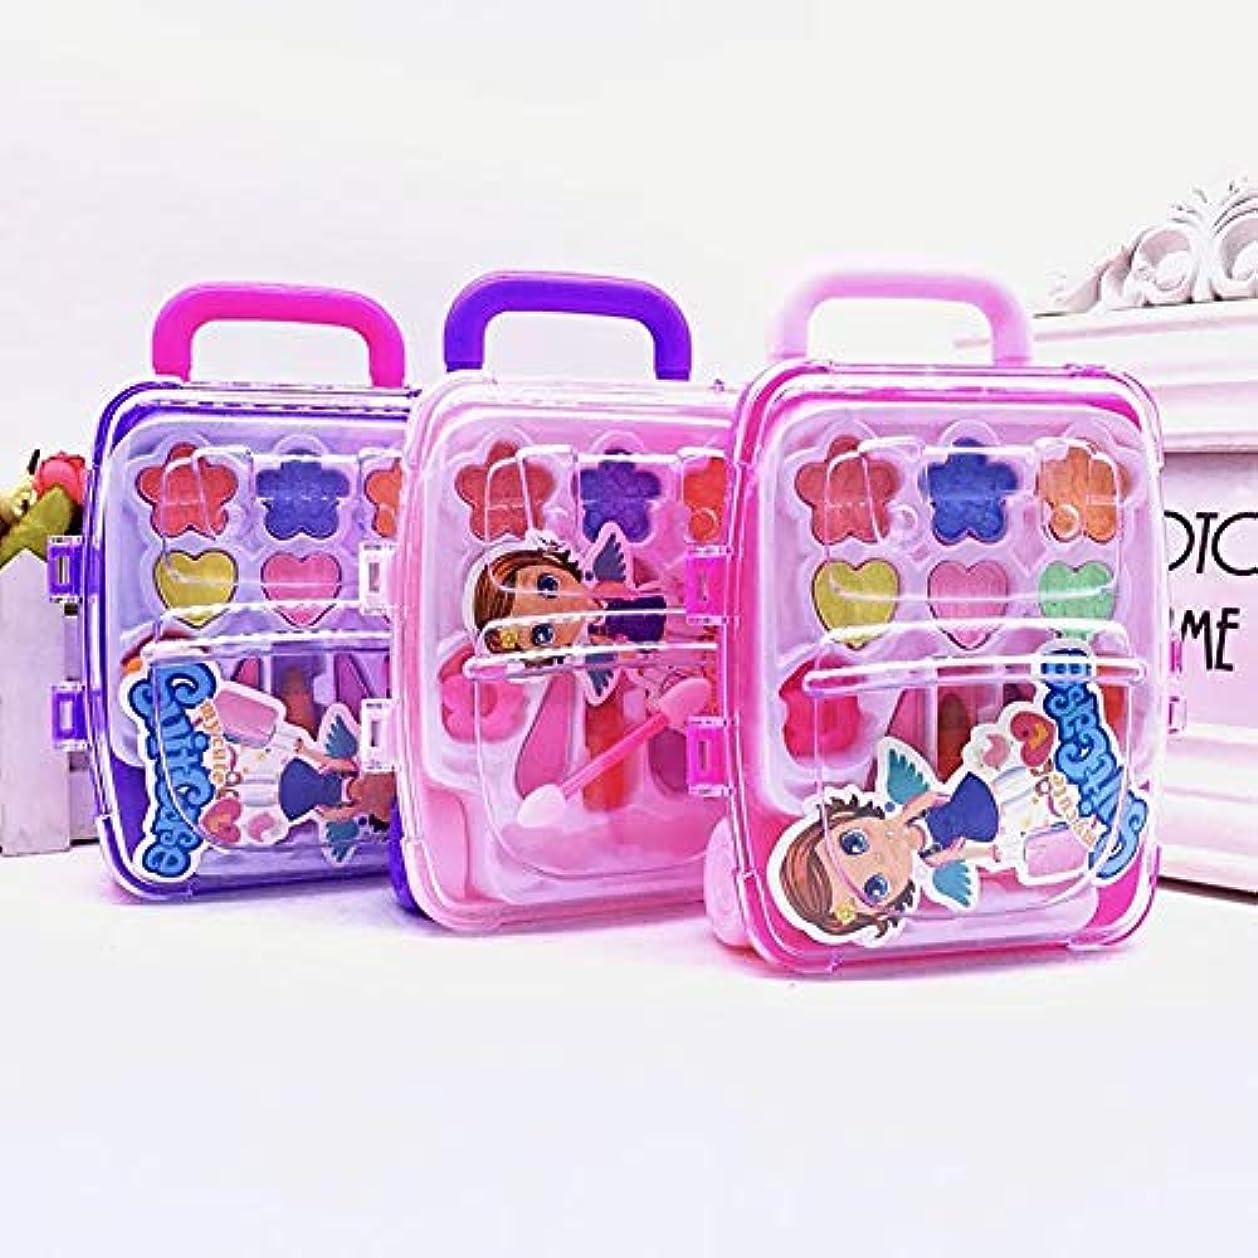 鎮痛剤バースト修道院かわいい王女ふりメイクセット化粧品シミュレーション子供女の子子供のおもちゃ - ランダムな色